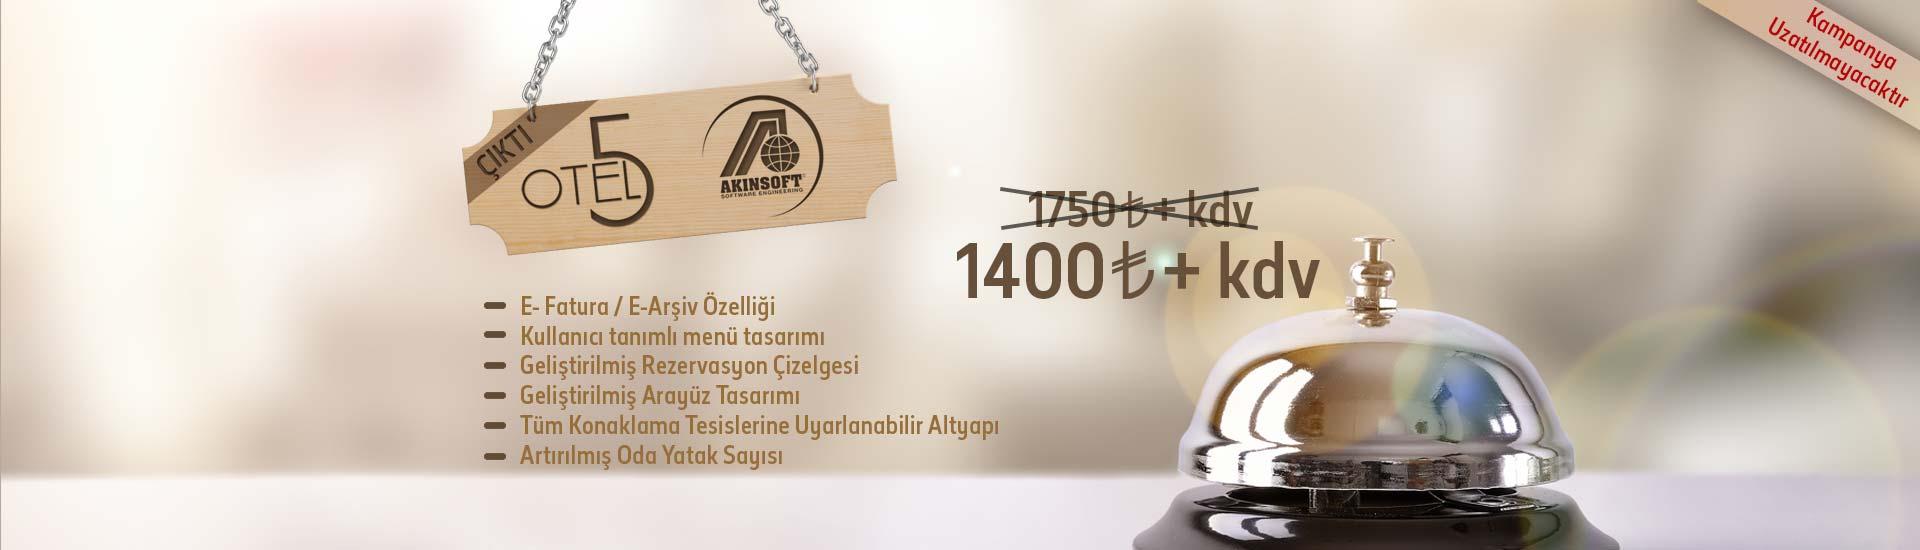 AKINSOFT OTEL5 1400 TL+KDV